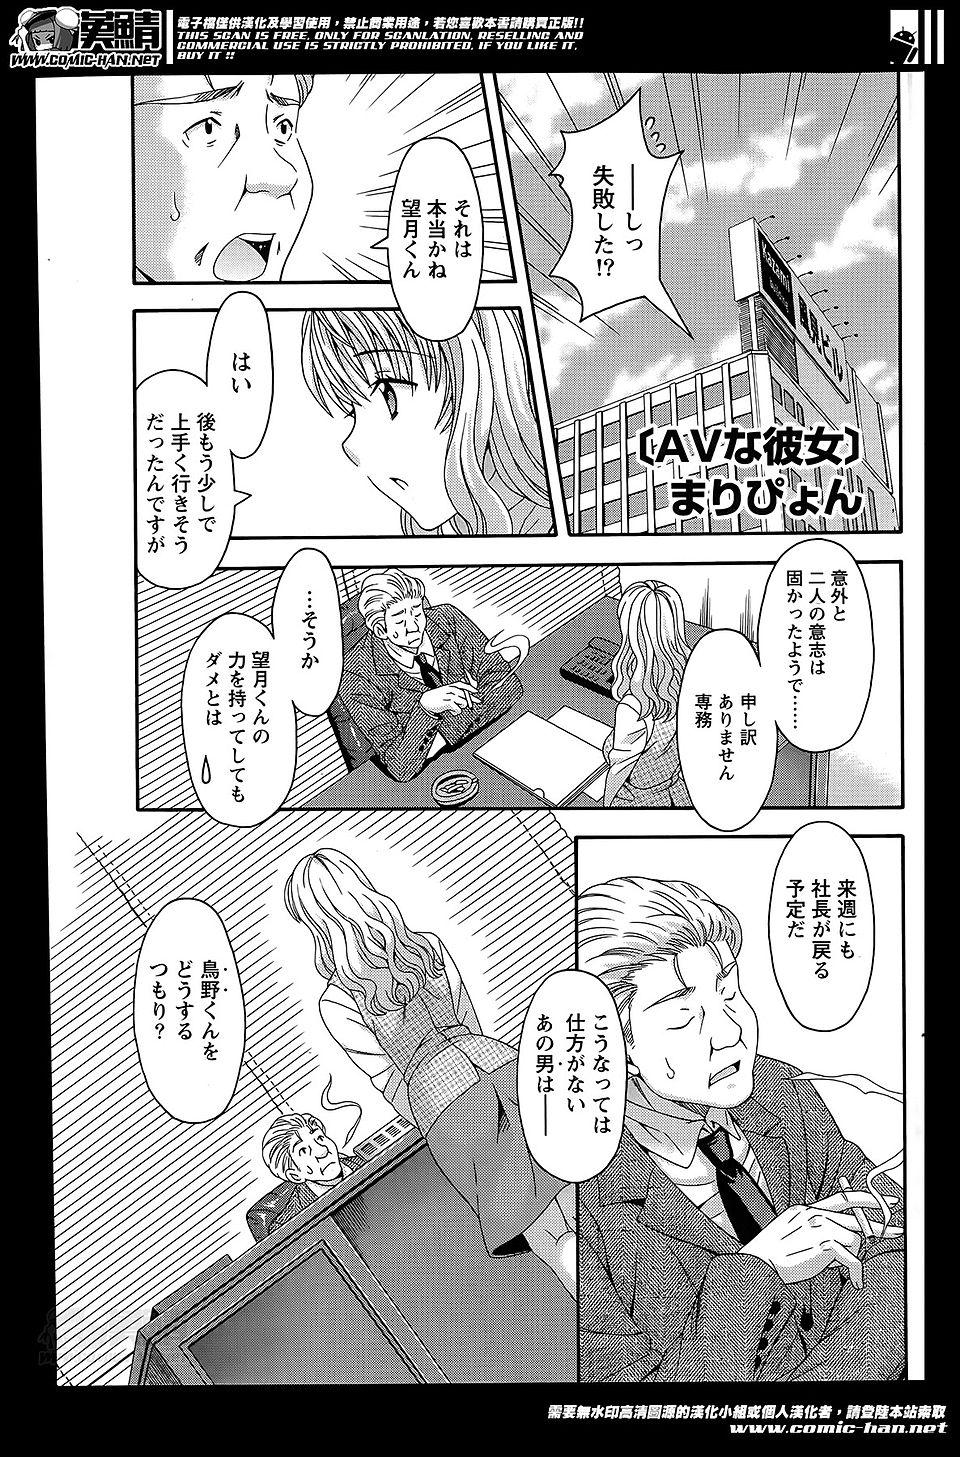 [まりぴょん] AVな彼女 (1)